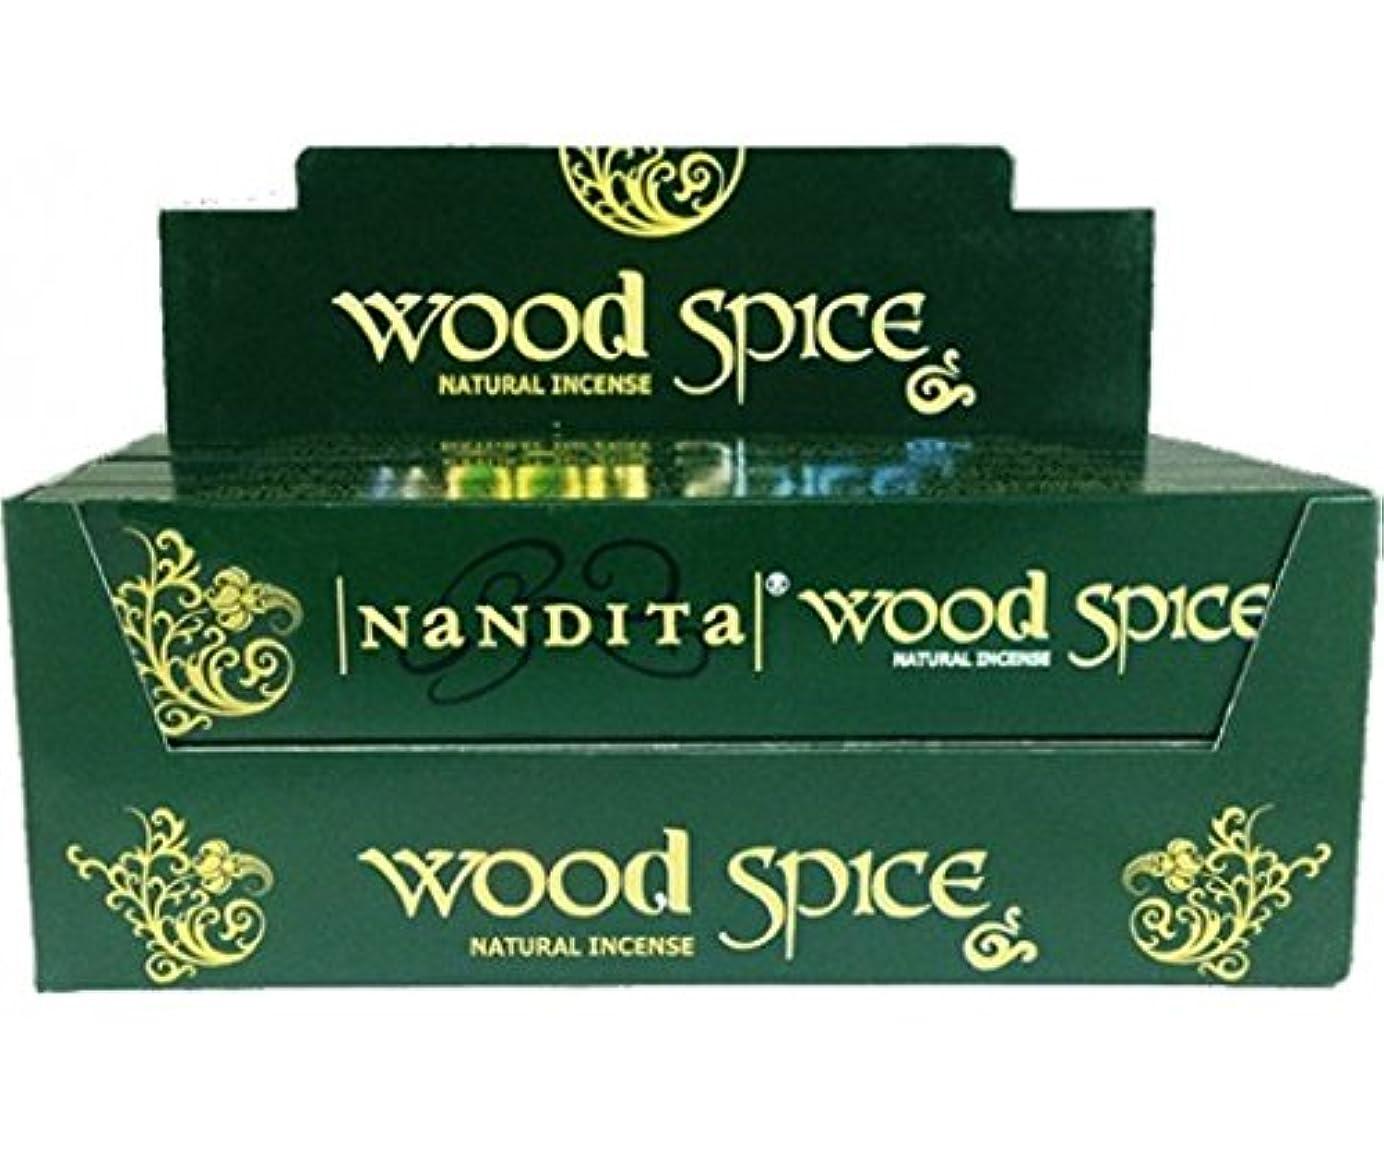 アトミックドラゴン以下Nandita Wood Spice Incense Sticks 12 x 15 gms Agarbathi